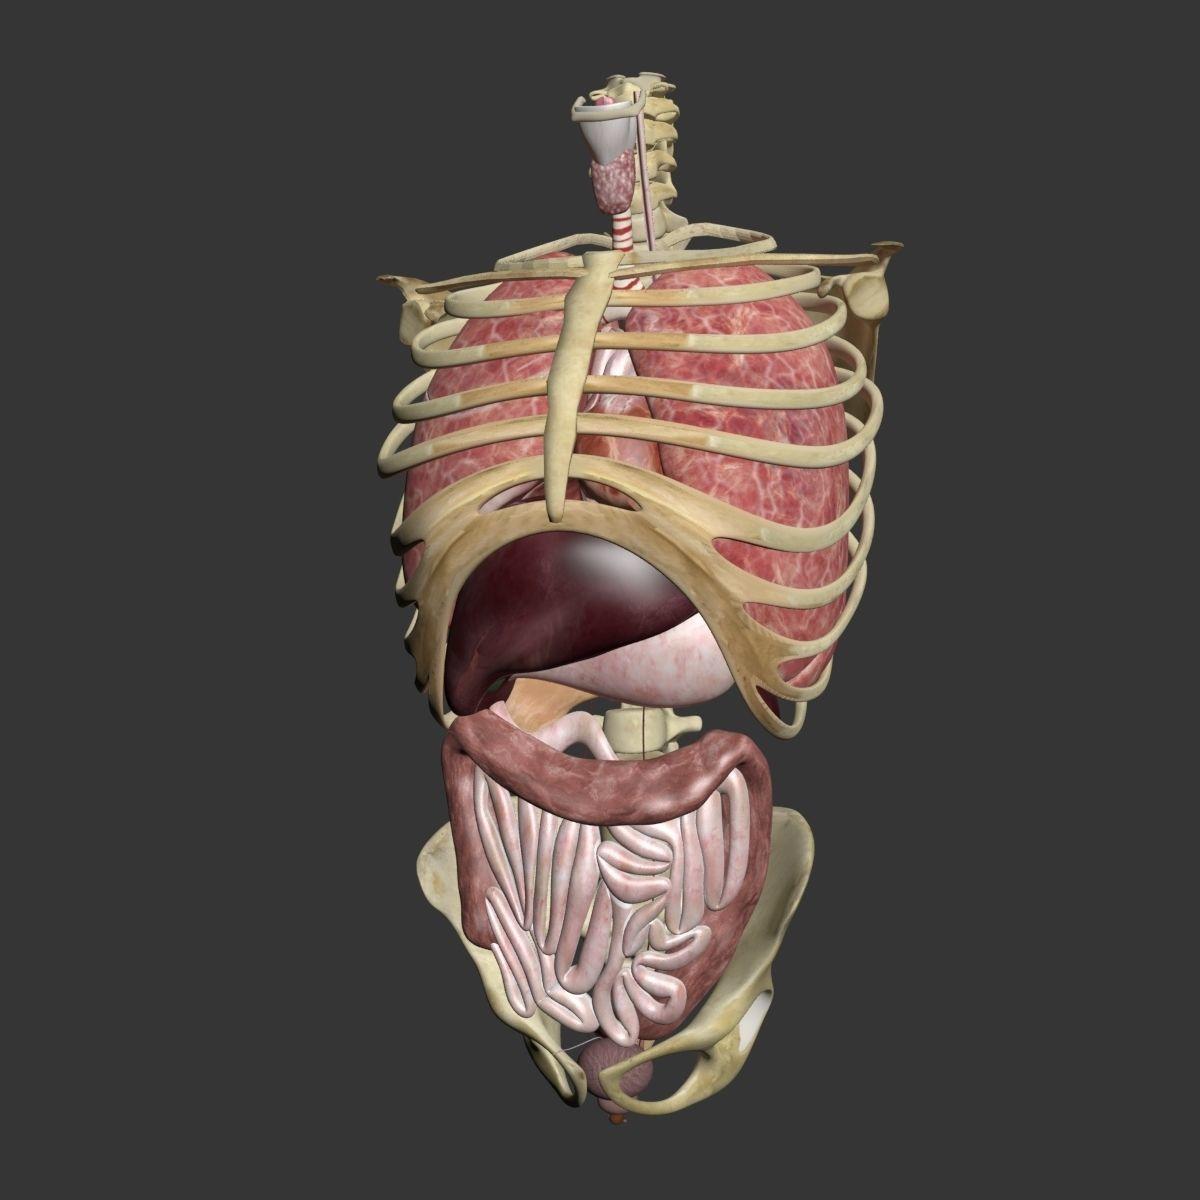 Ziemlich Beste 3d Anatomie Galerie - Physiologie Von Menschlichen ...